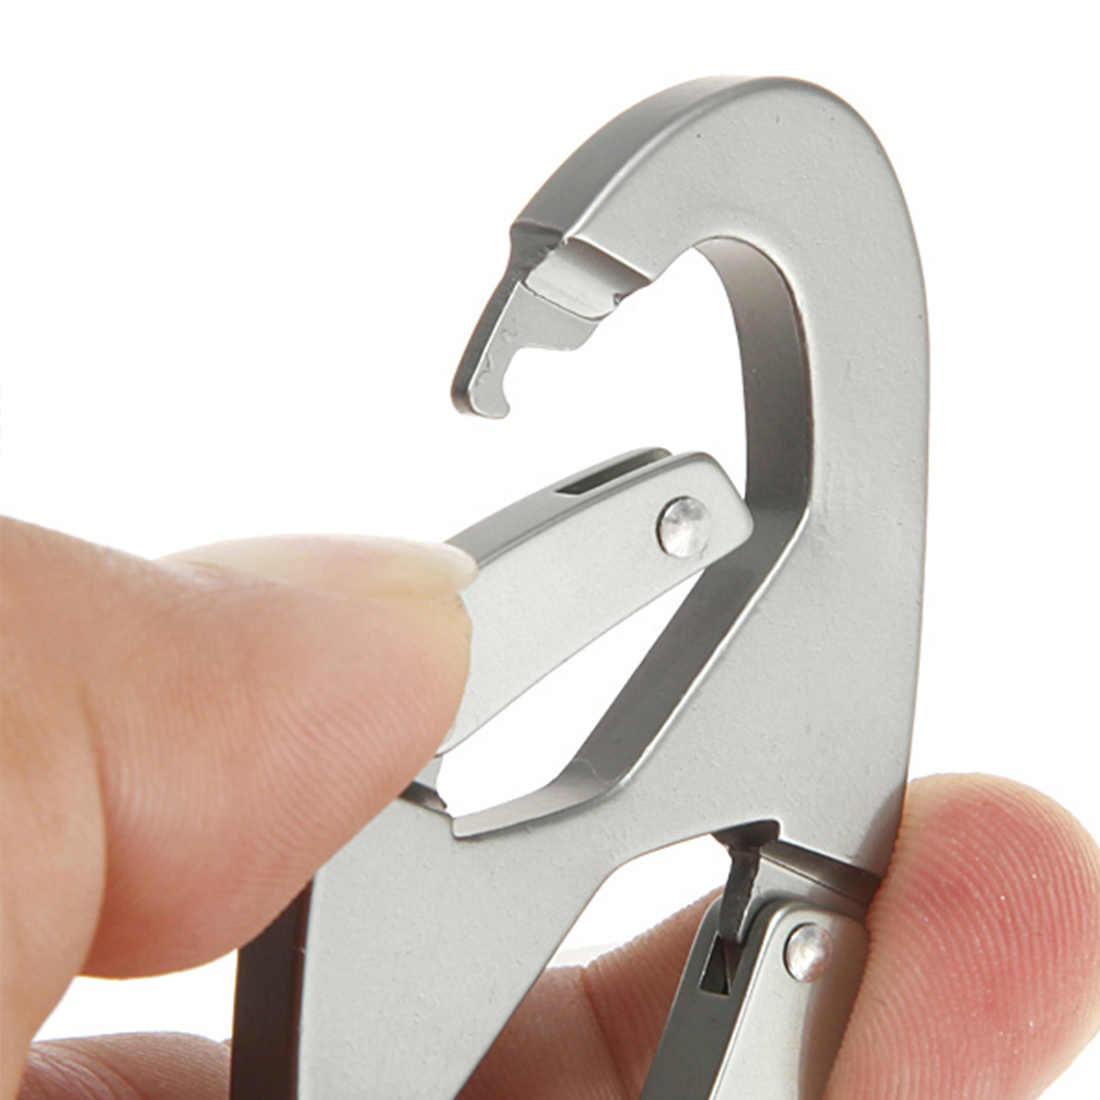 חדש סגסוגת אלומיניום Carabiner Keychain הצמד הוק קליפ mosquetones טיולי טיפוס קמפינג חיצוני ספורט אבזם משלוח חינם